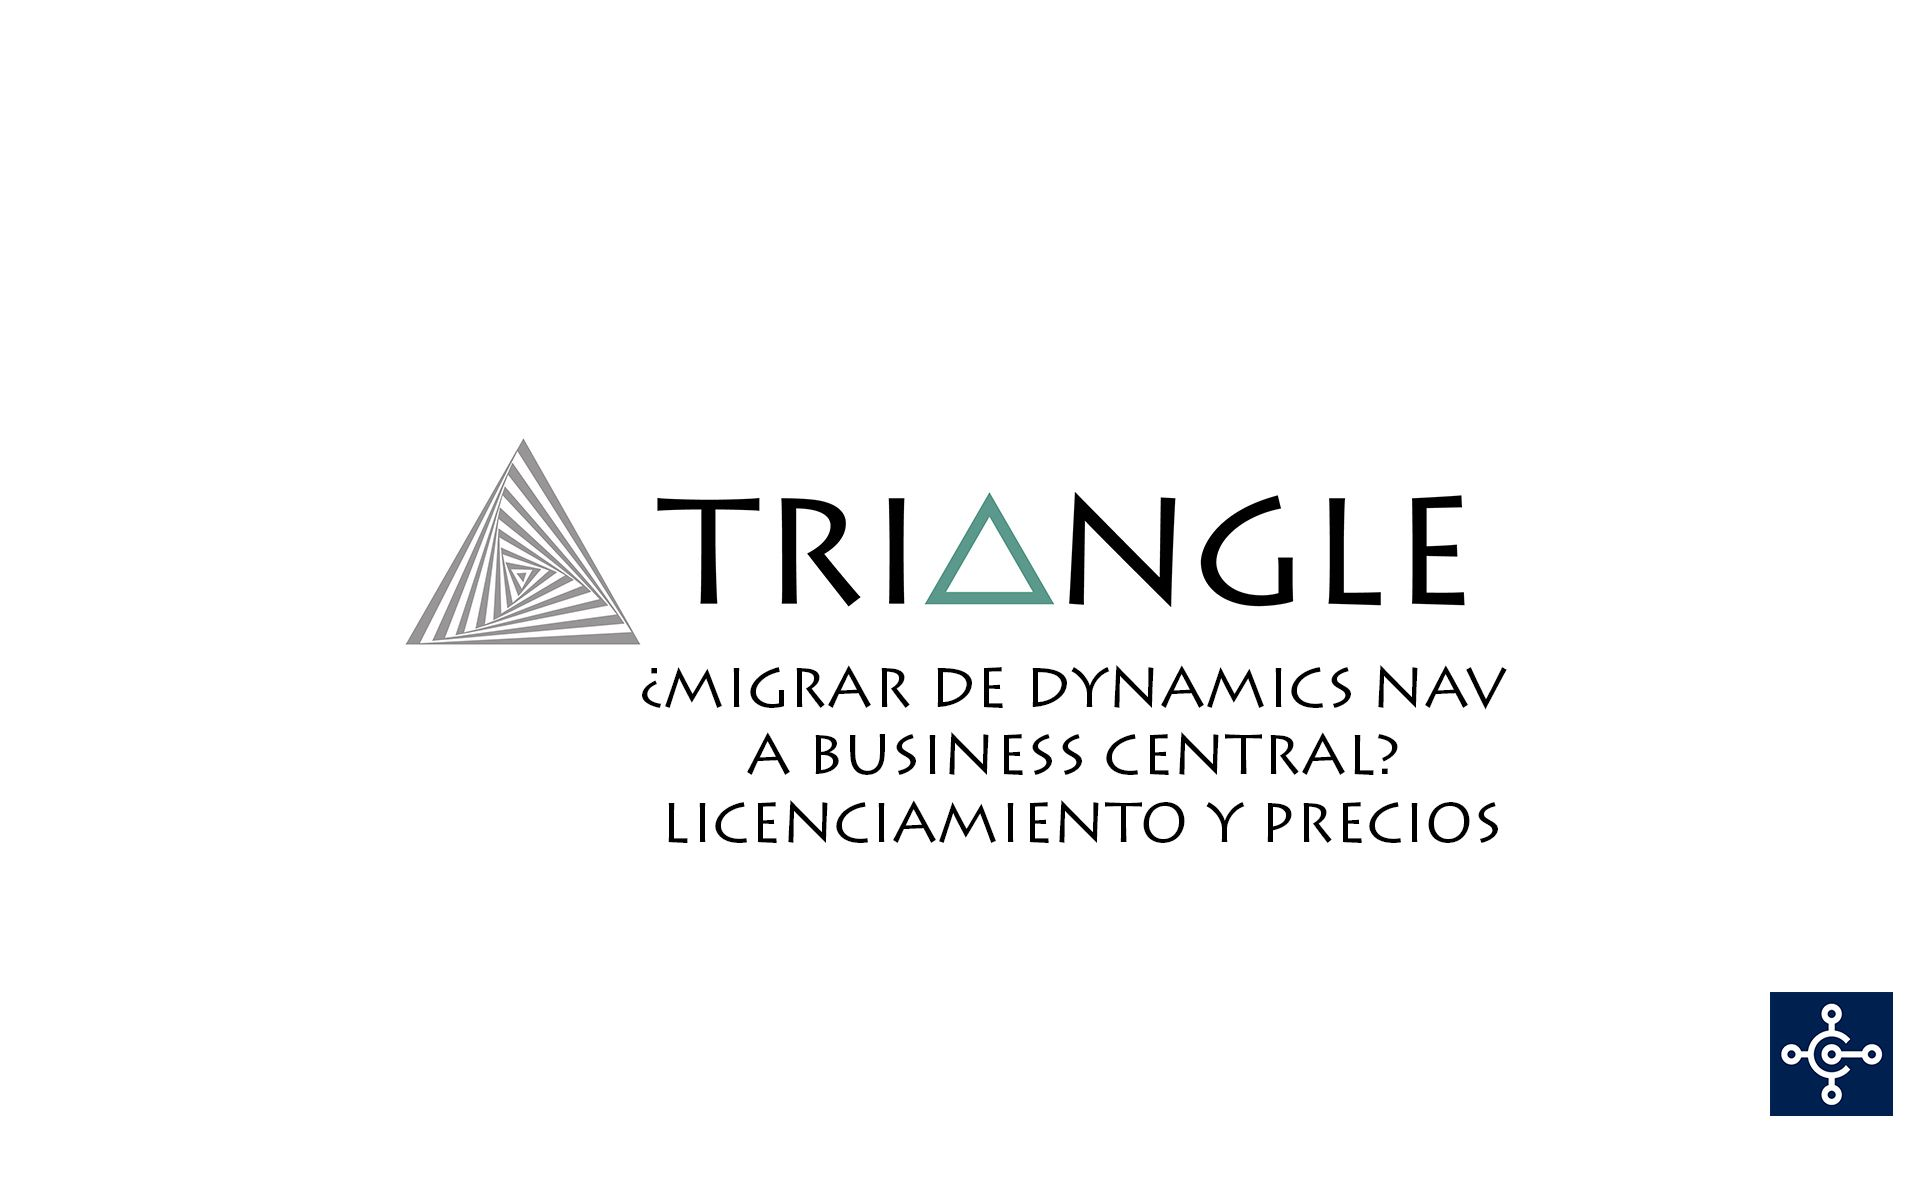 Migrar de Dynamics NAV a Business Central - Licenciamiento y precios